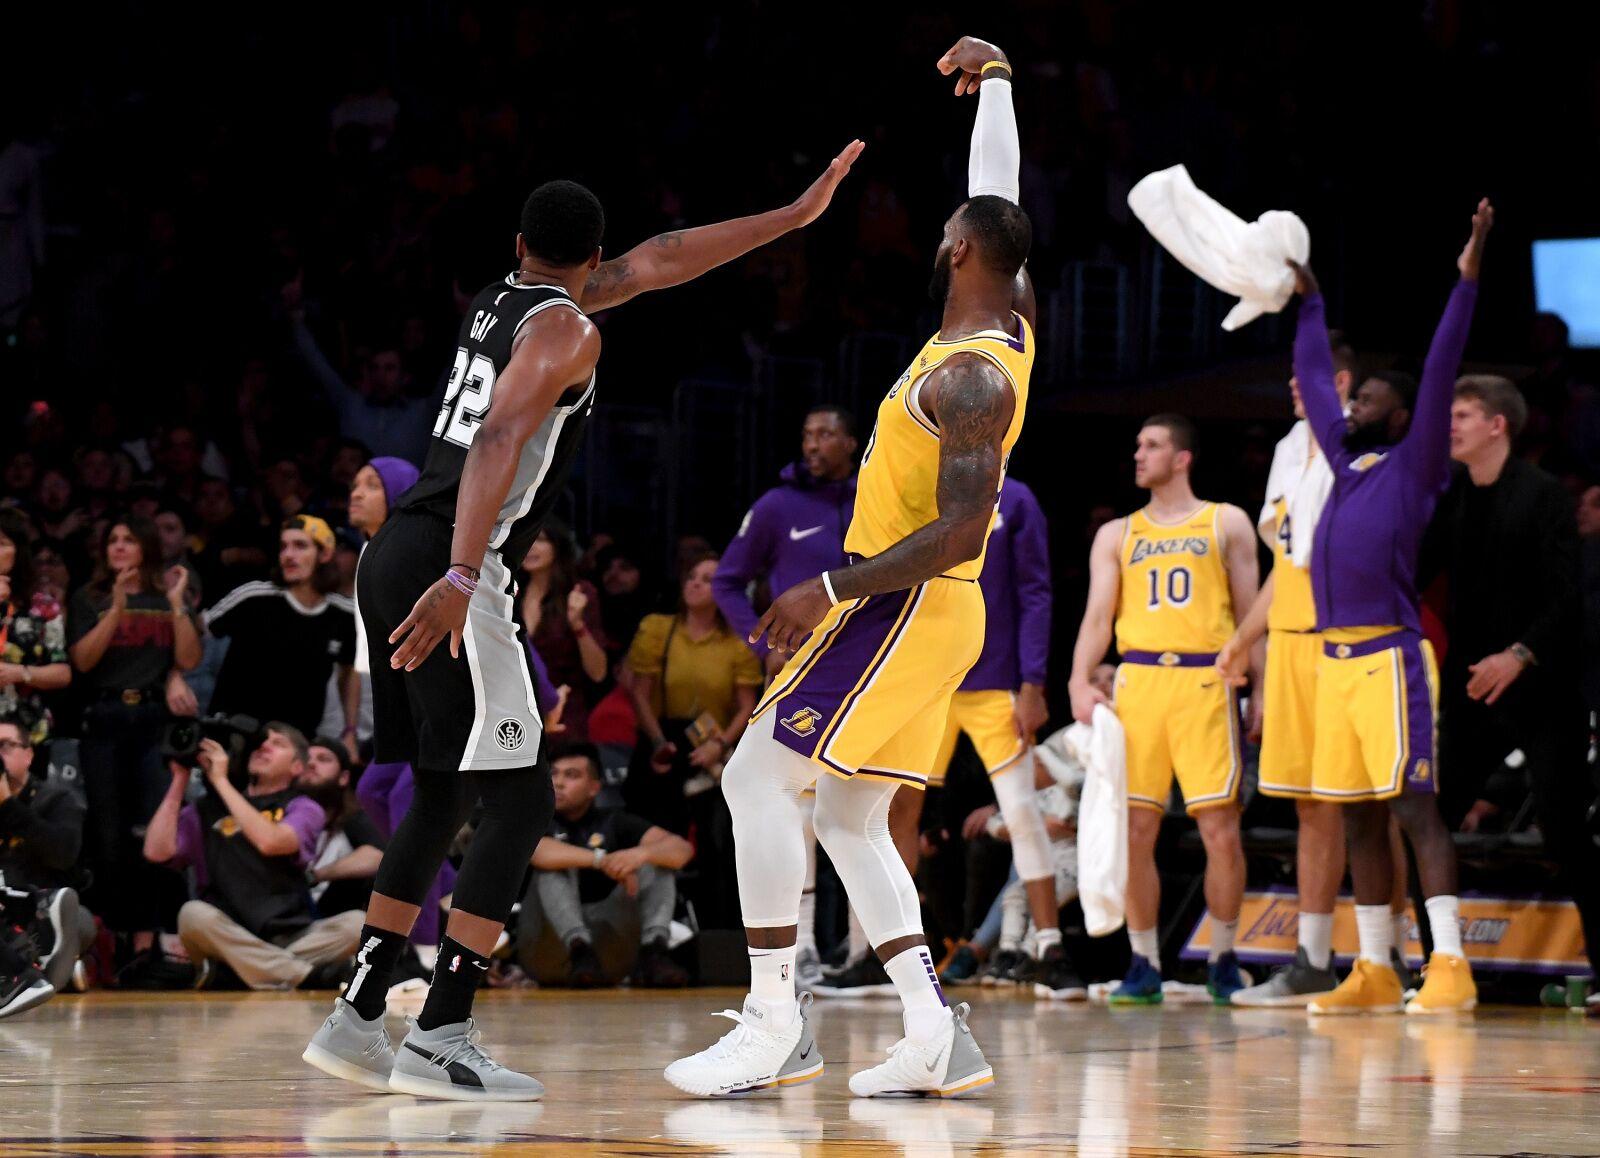 Nba Basketball Los Angeles Lakers: Fantasy Basketball: NBA Draftkings Lock Plays 12/12